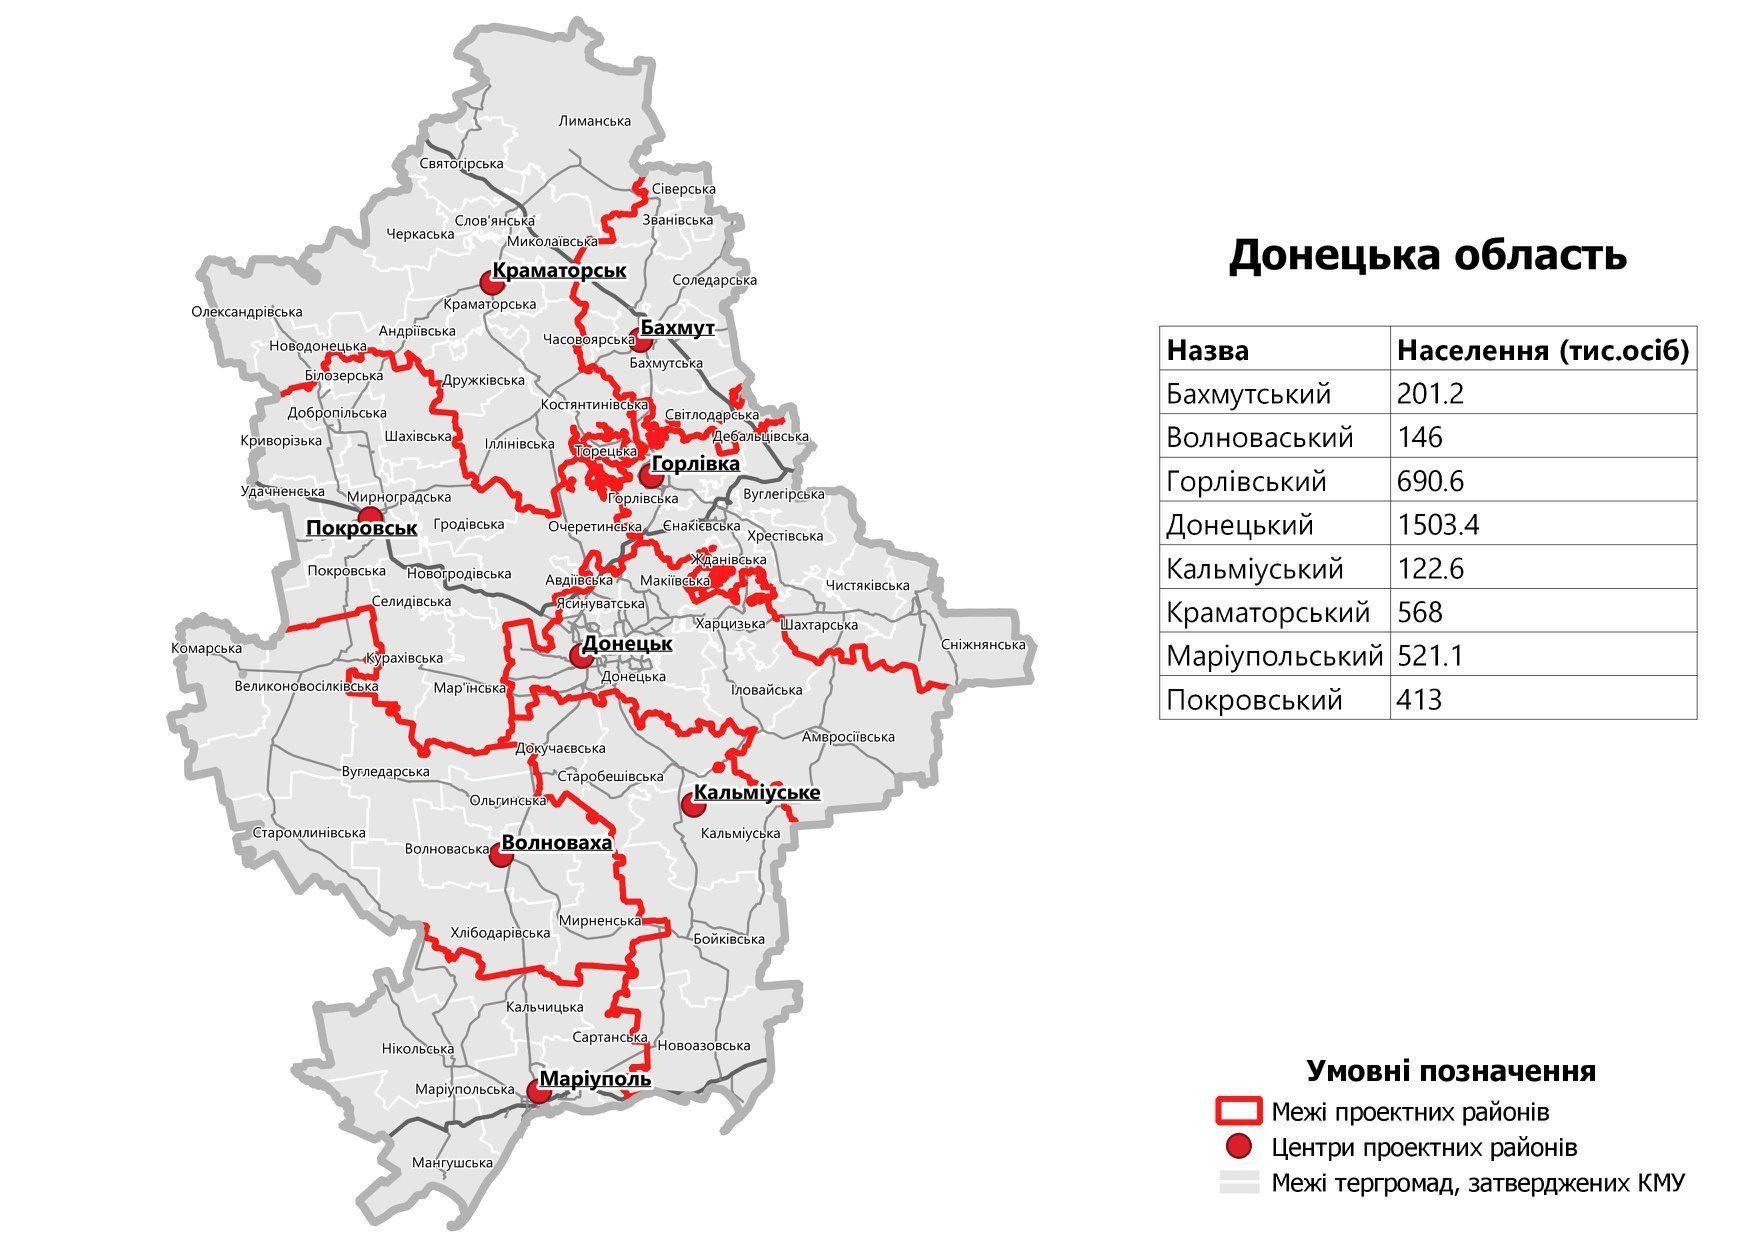 Мапа нових районів_4